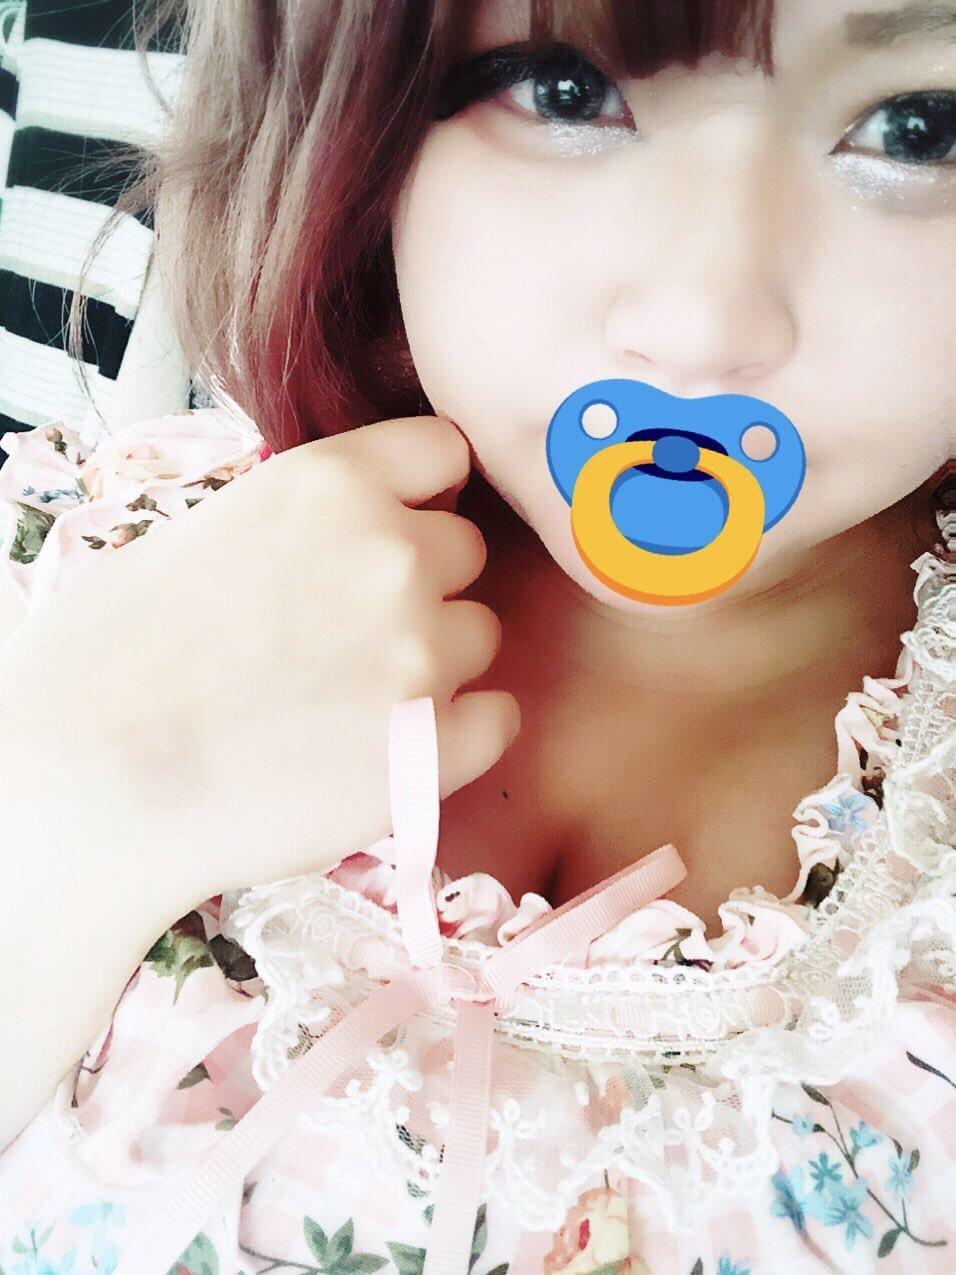 「きょーもまってるよ」06/23(06/23) 20:09   業界初登場♥️美乃里姫ちゃんの写メ・風俗動画